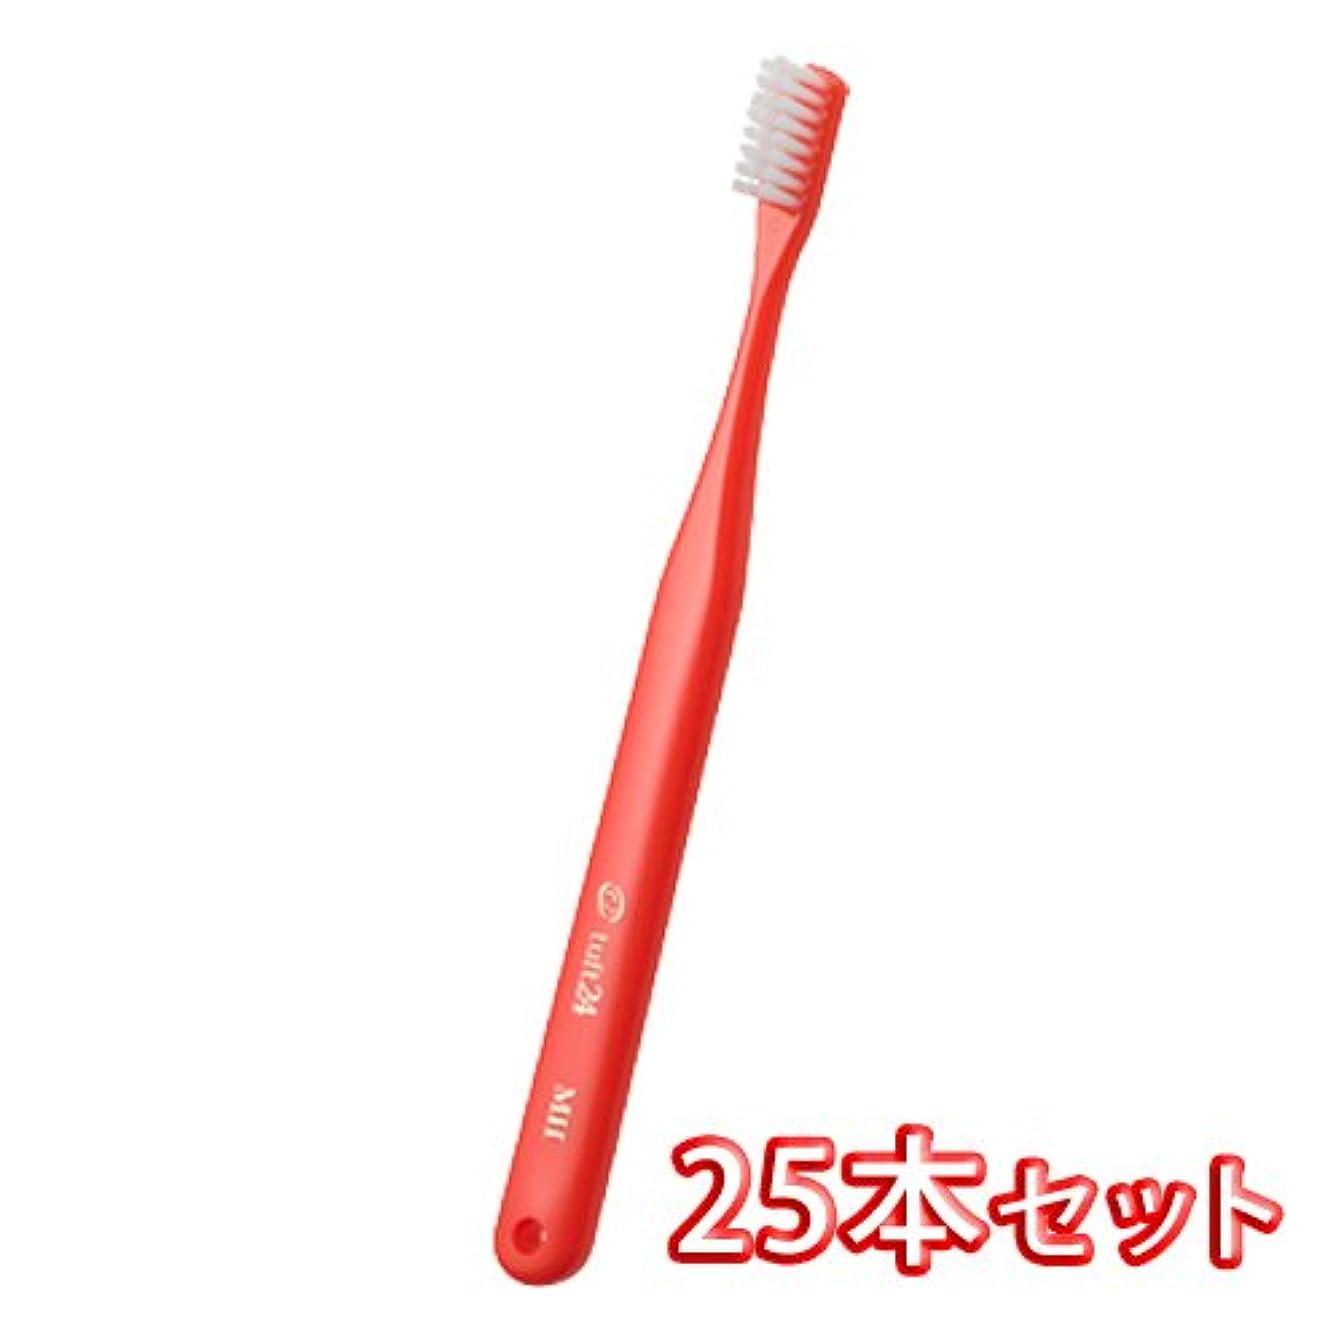 スズメバチ面積ウルルオーラルケア キャップ付き タフト 24 歯ブラシ 25本入 ミディアムソフト MS (レッド)